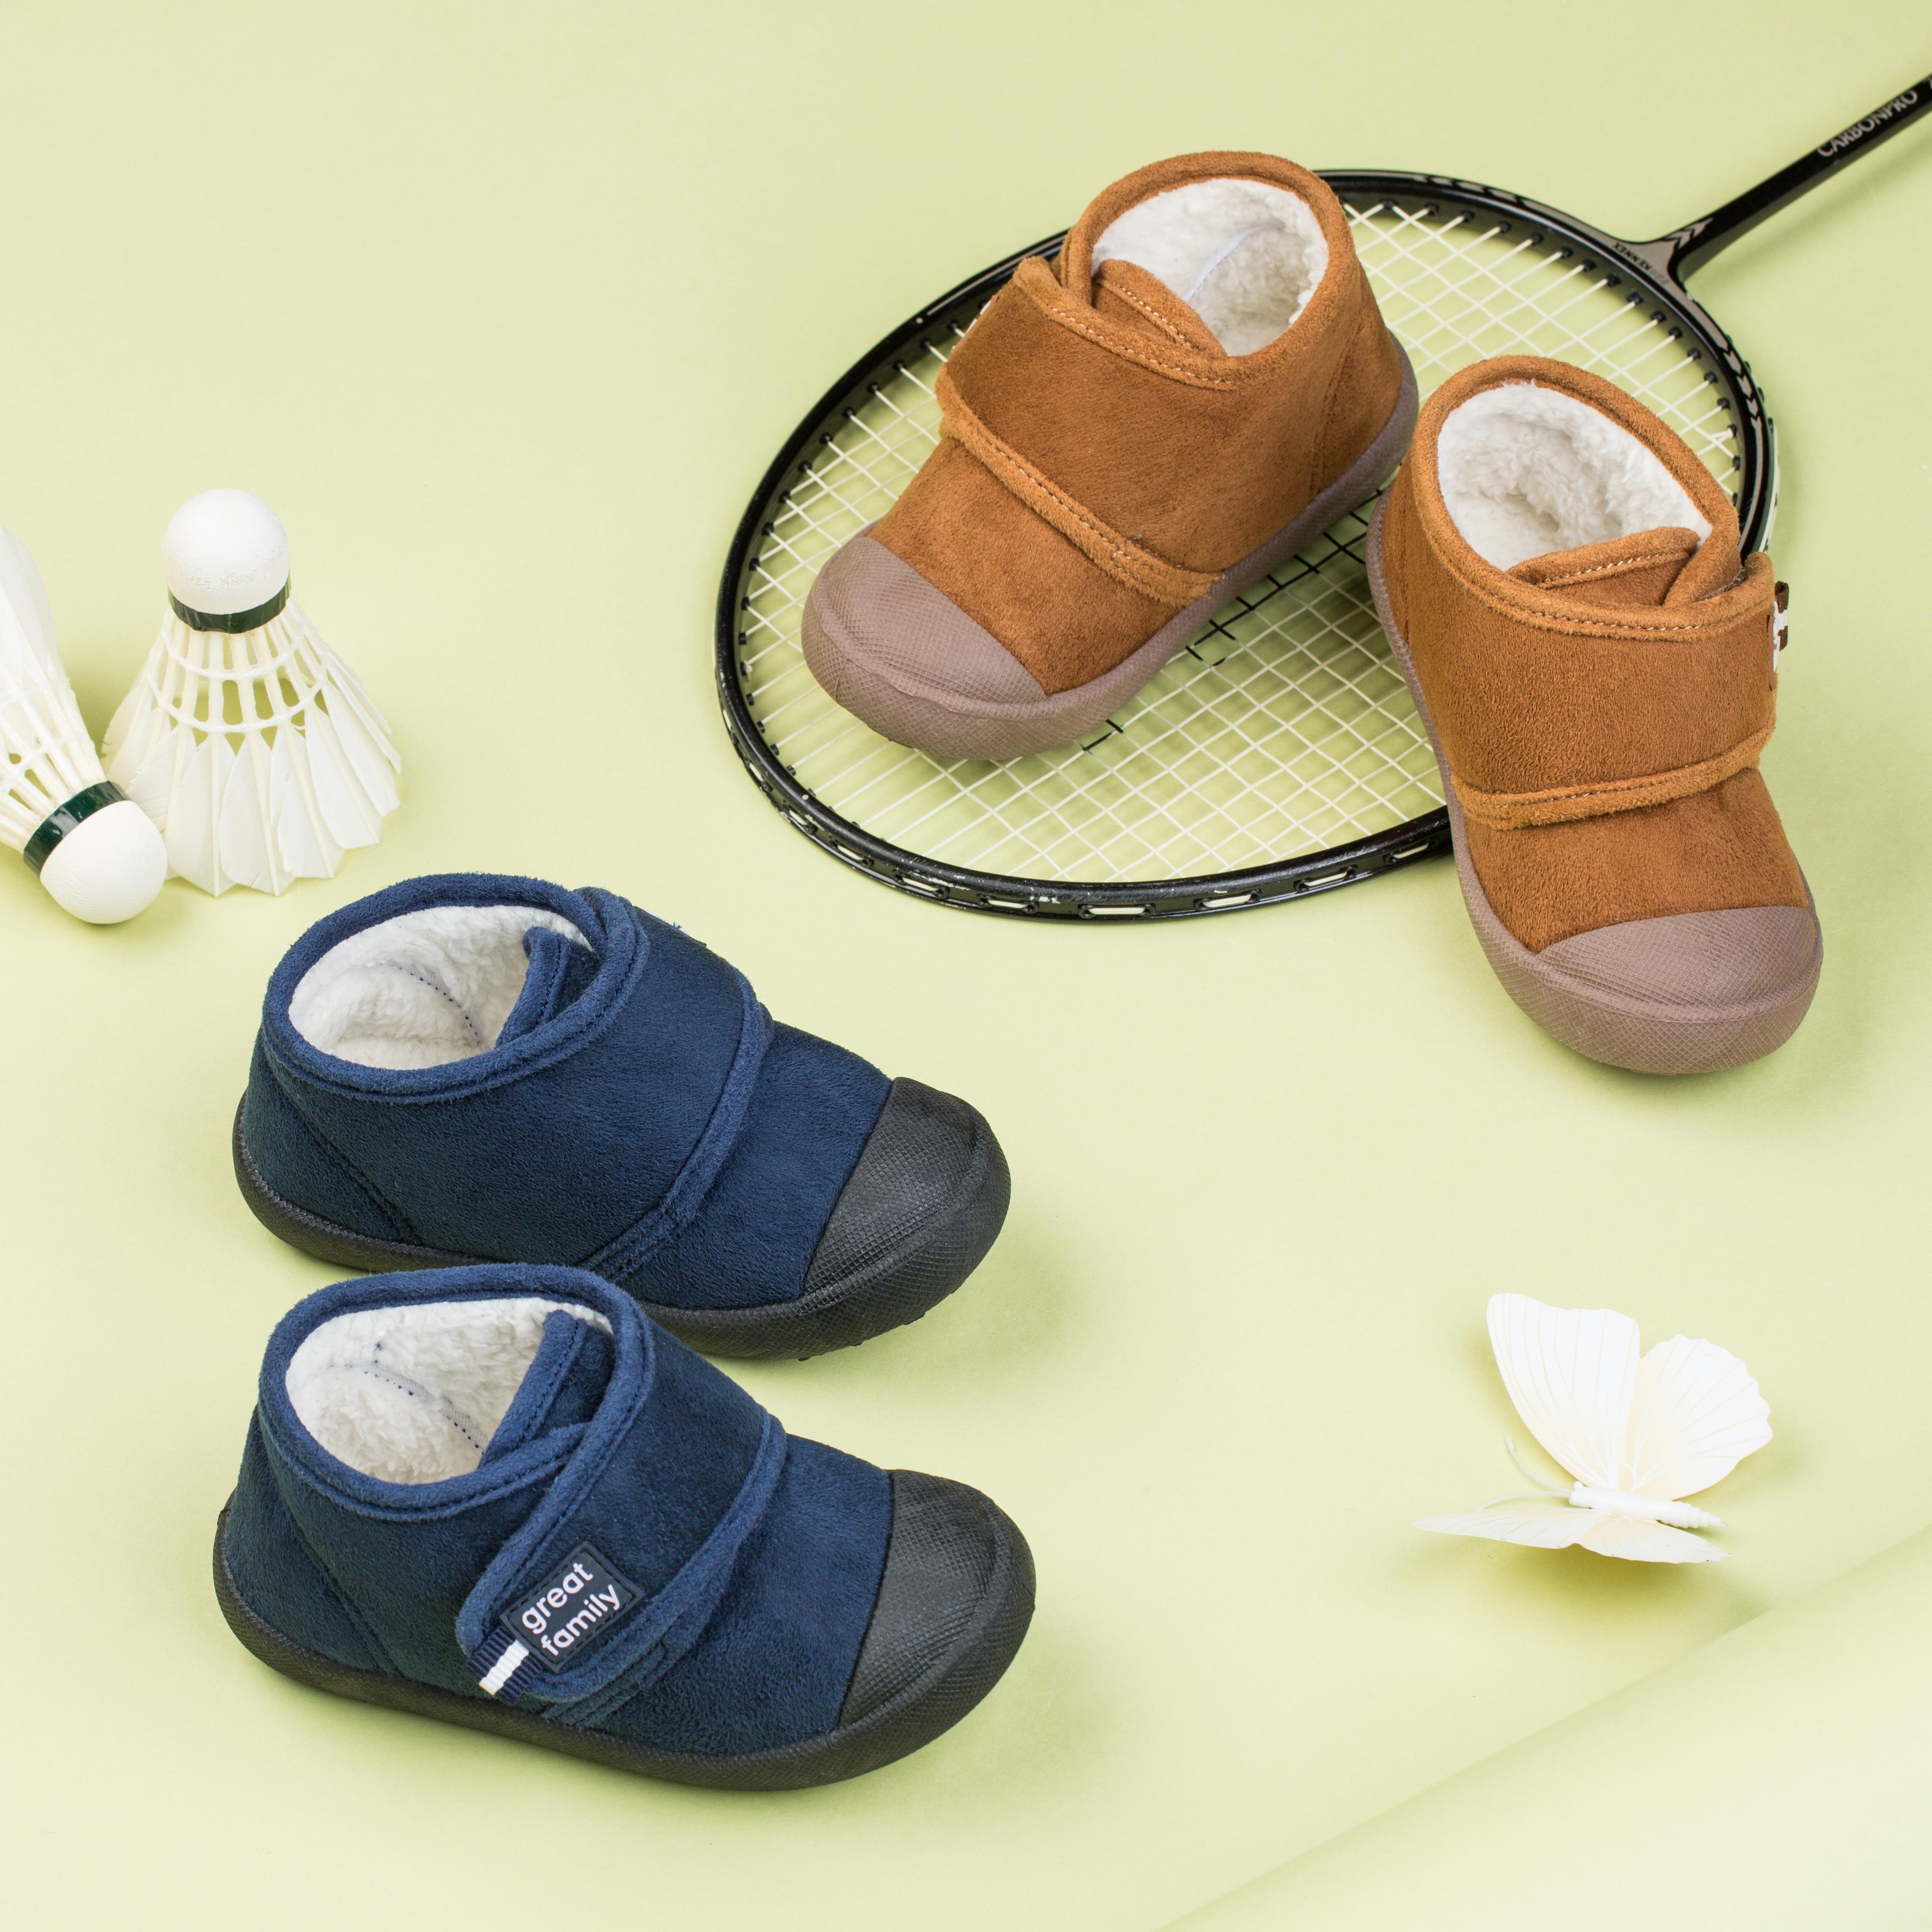 歌瑞凯儿(新)男婴休闲鞋GKR4-013SH蓝13.5CM双(无鞋盒)